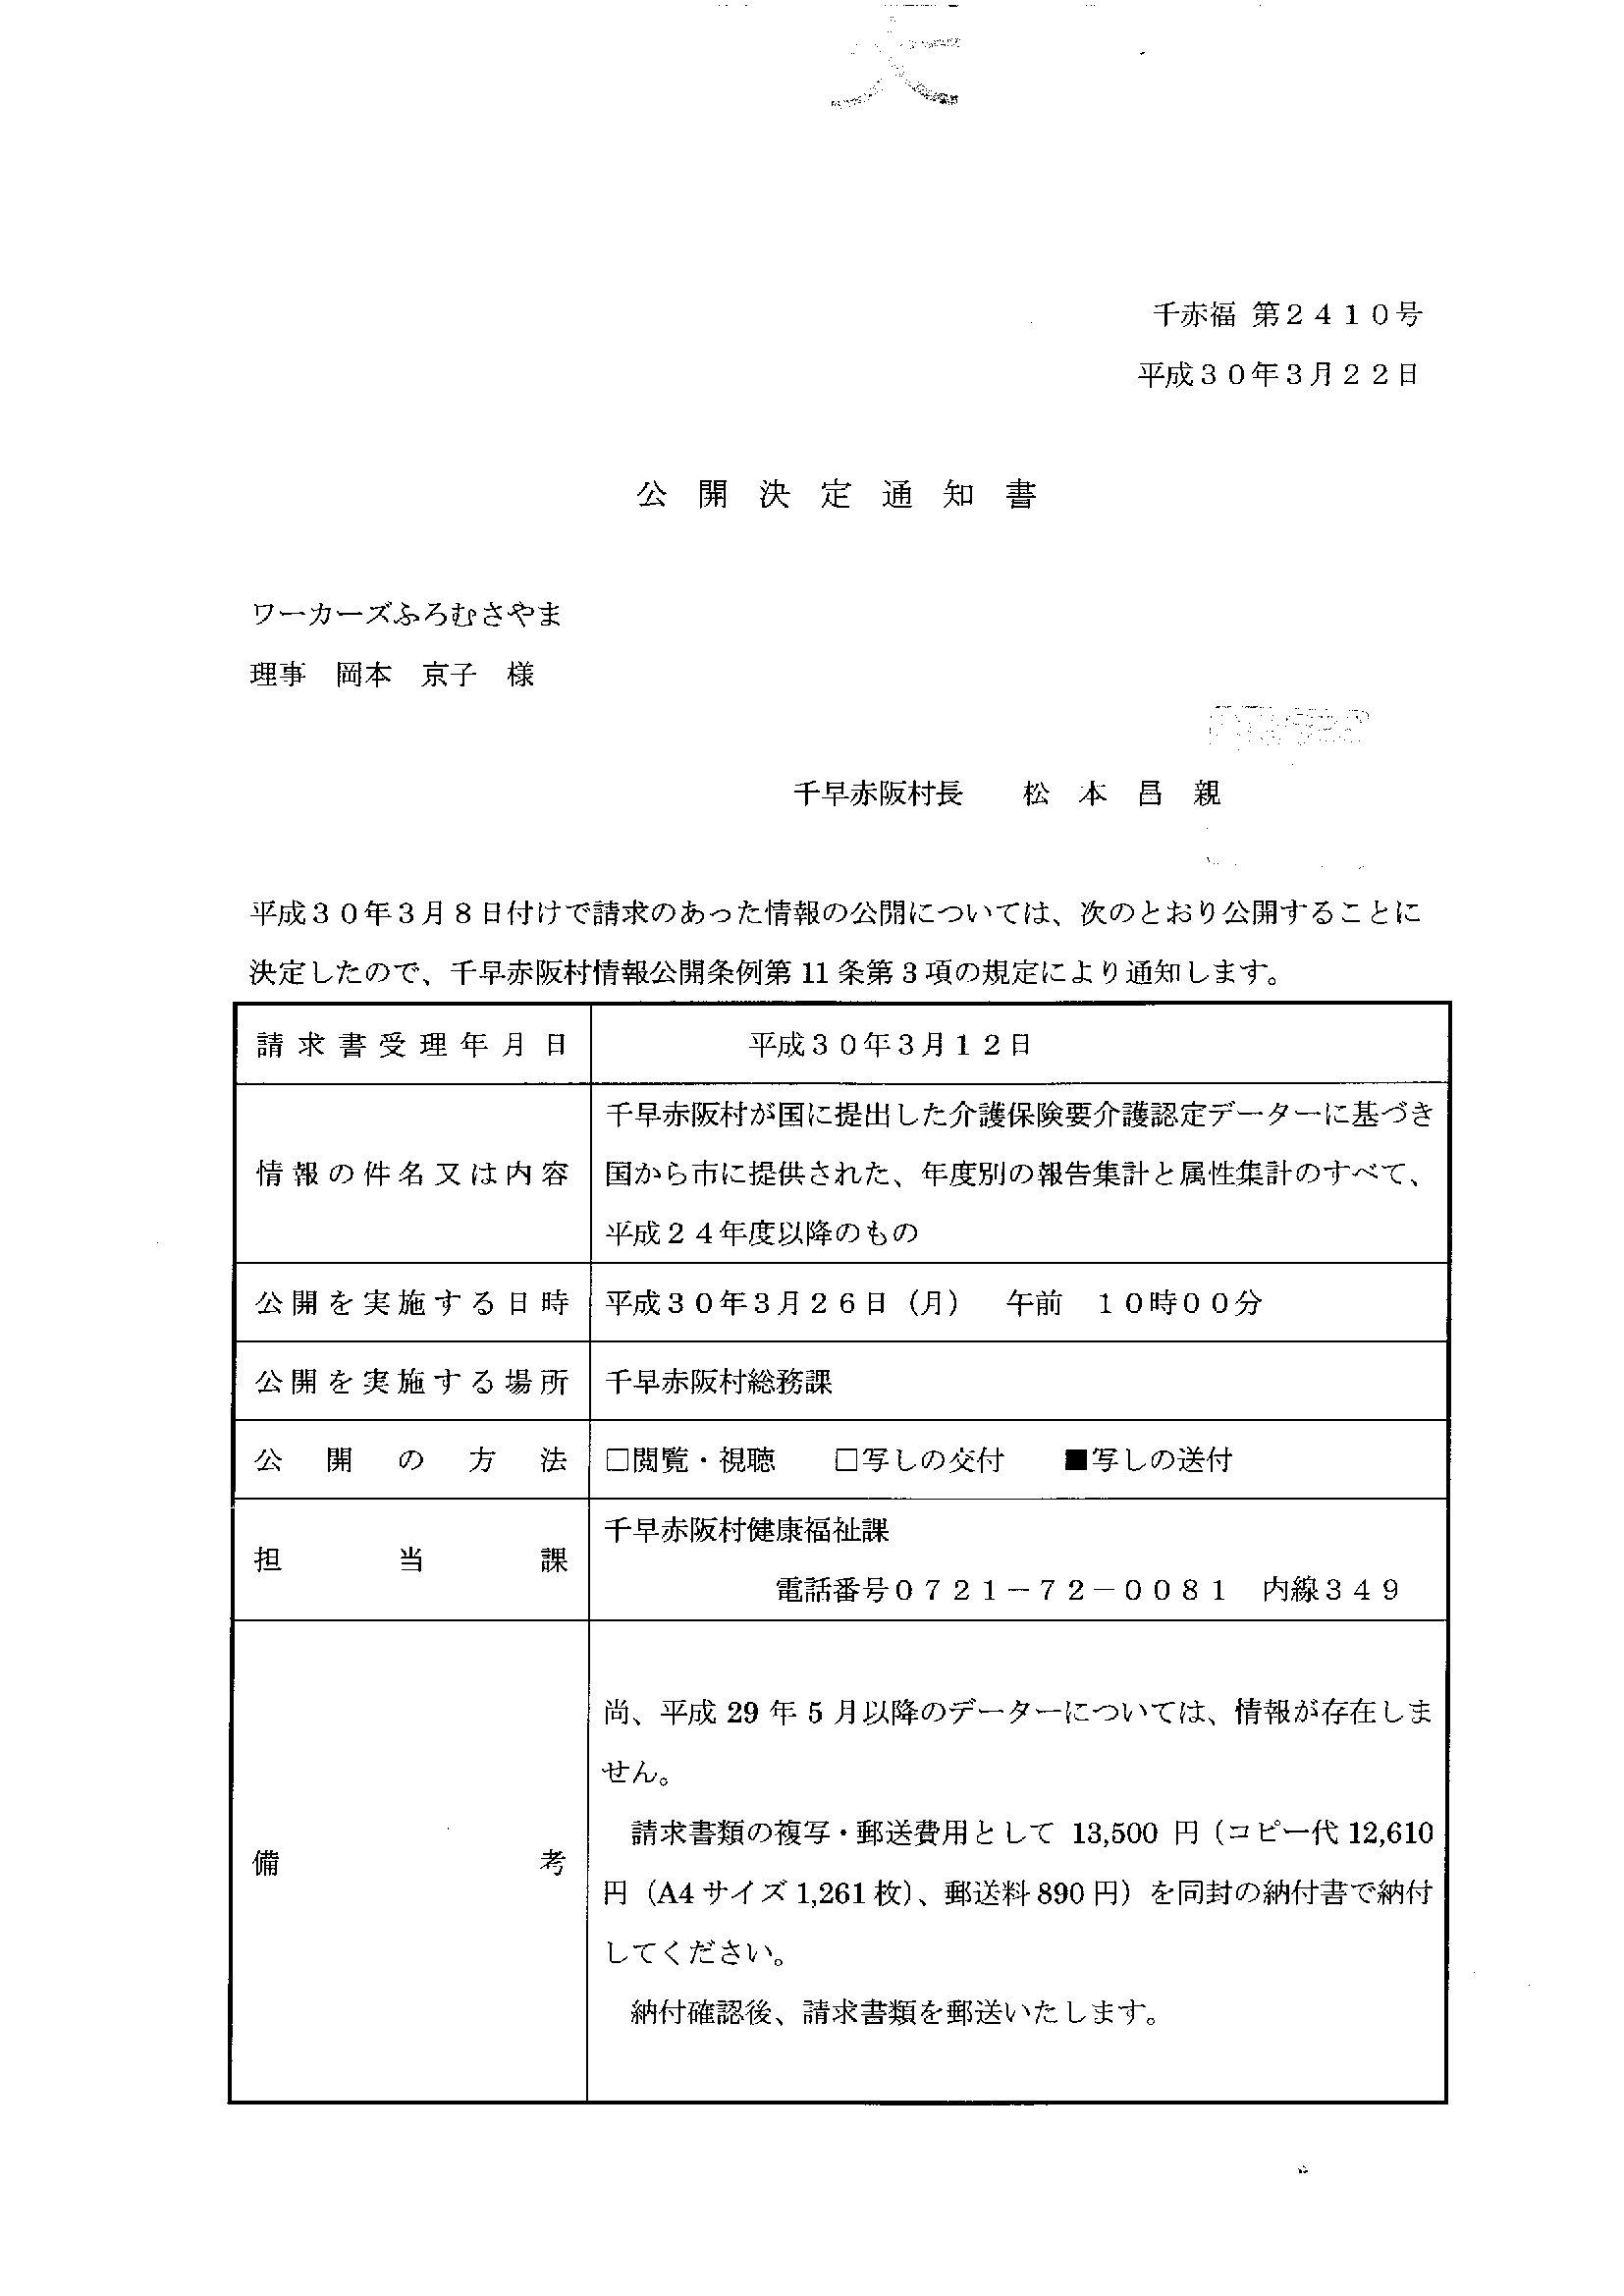 千早赤阪村H300322